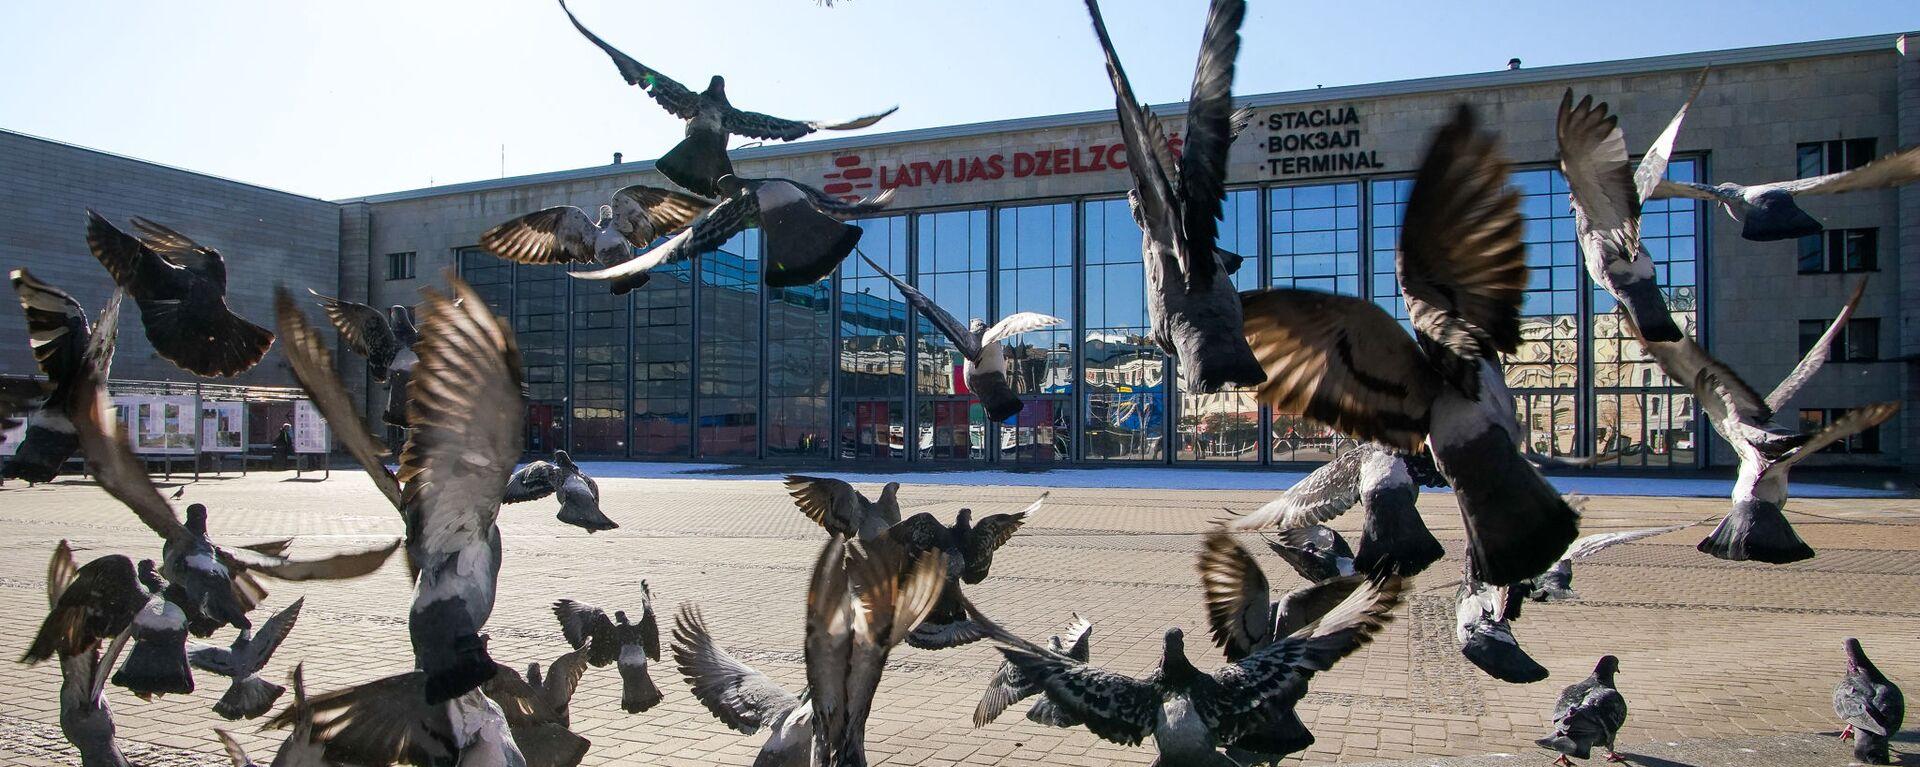 Голуби у здания железнодорожного вокзала в Риге - Sputnik Латвия, 1920, 29.07.2020